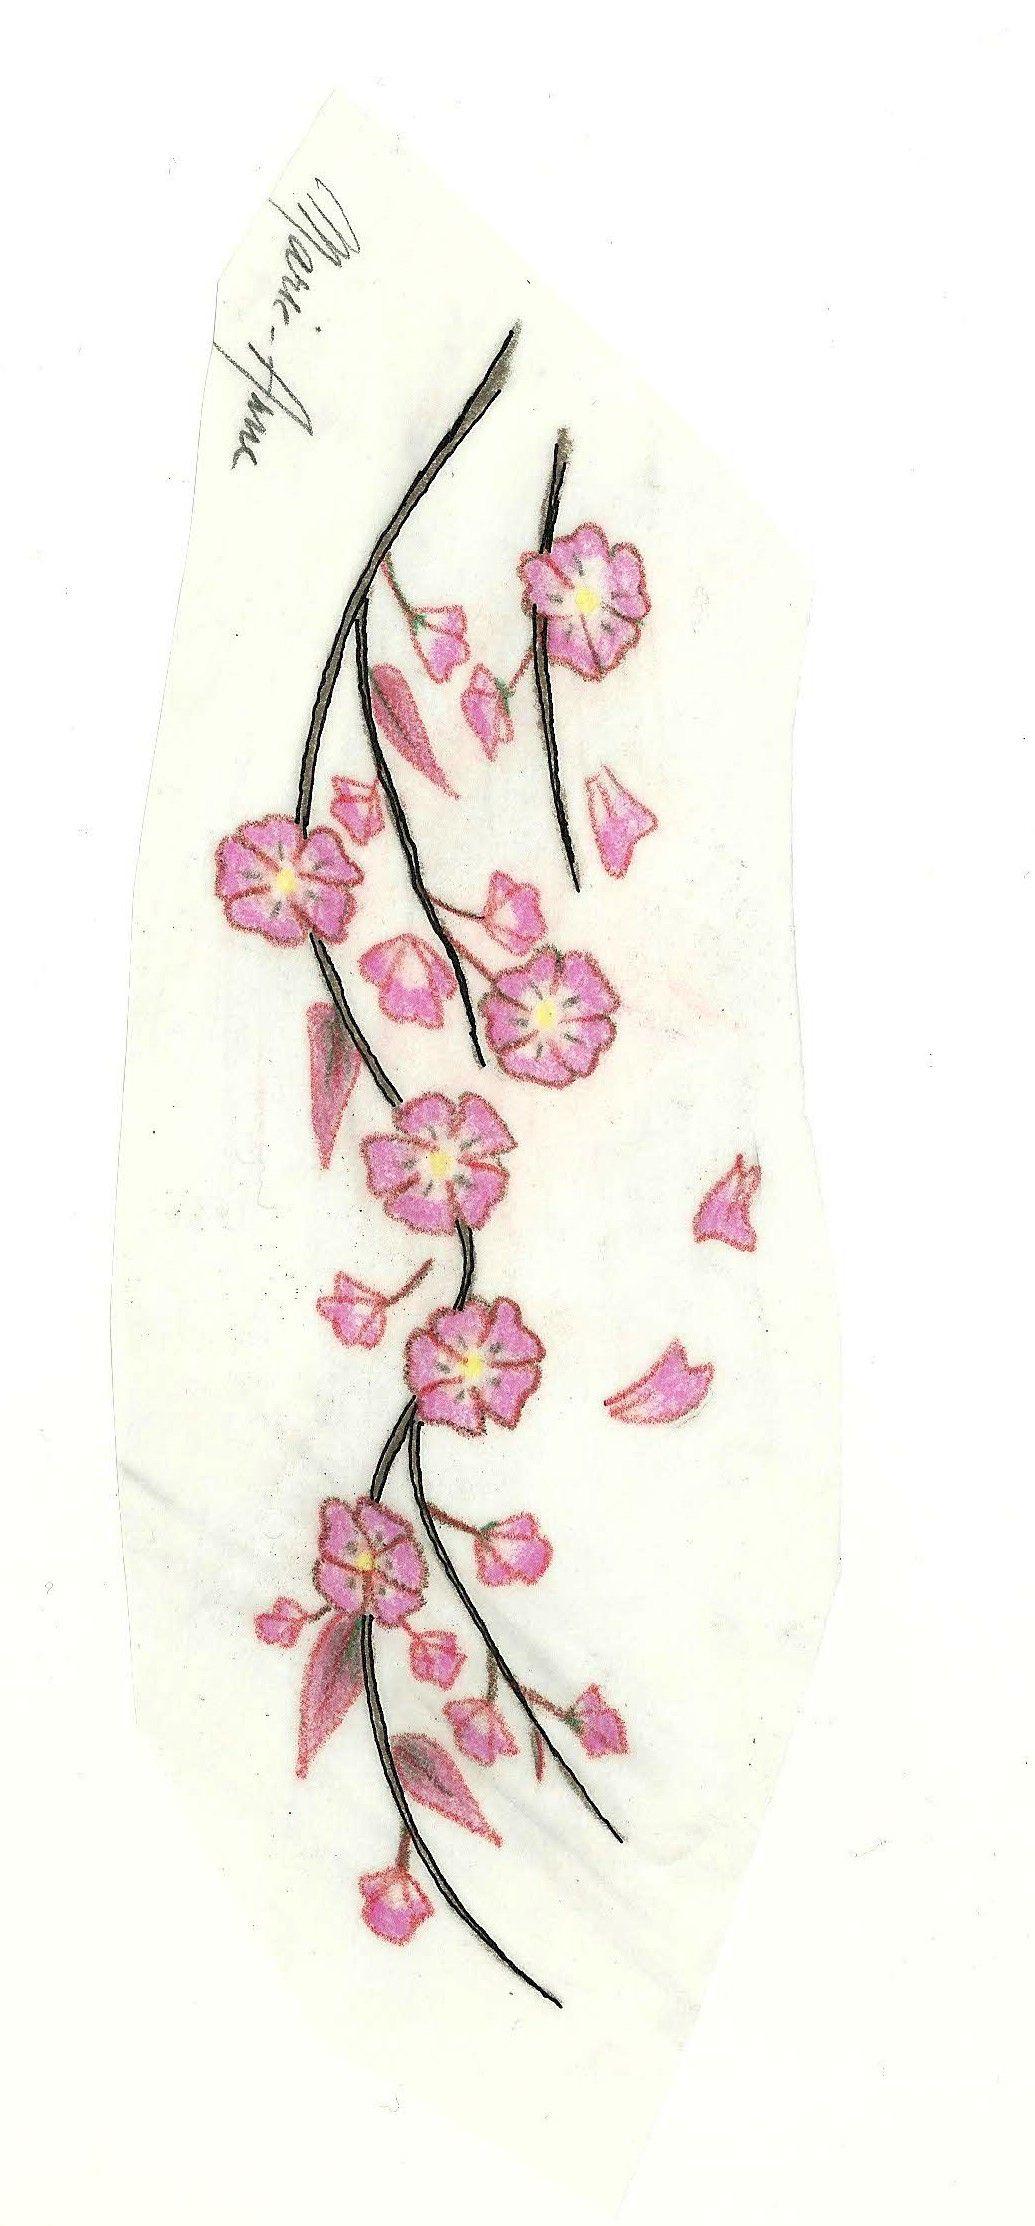 des fleurs de cerisier tatouage. Black Bedroom Furniture Sets. Home Design Ideas